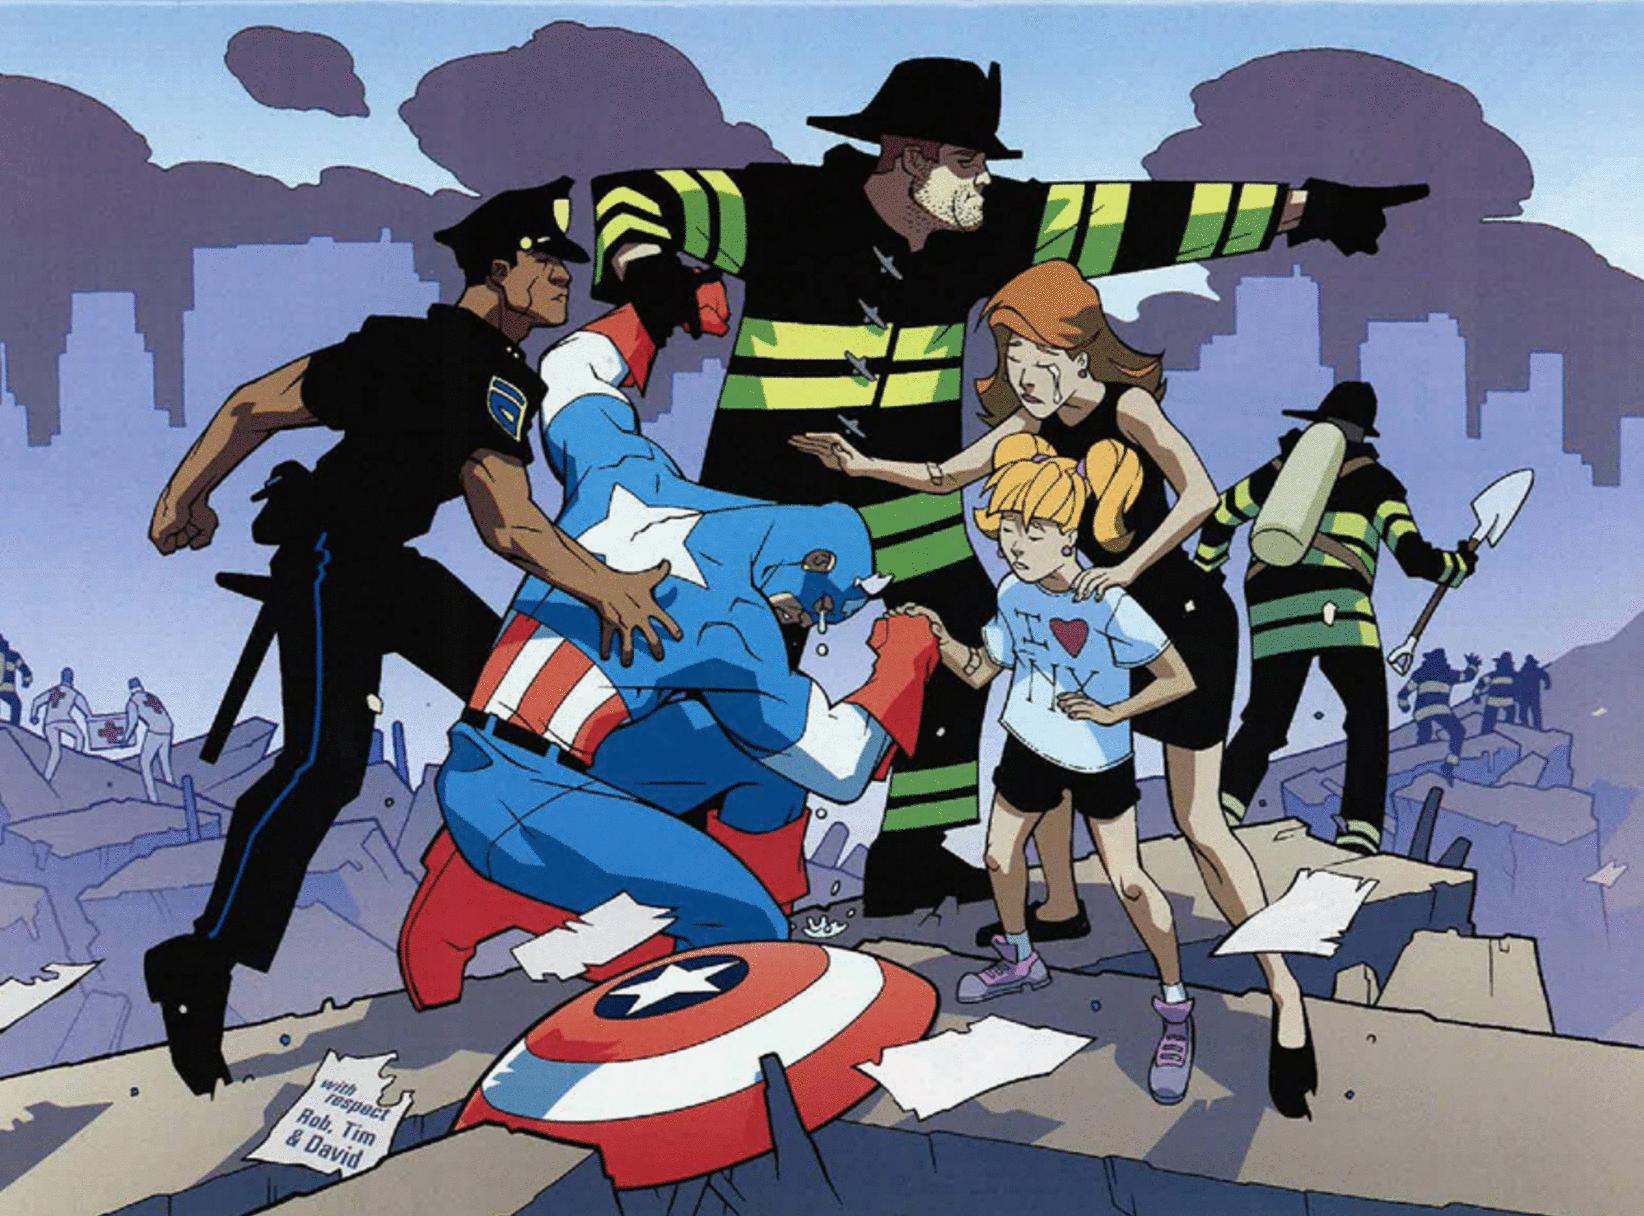 capitán américa 9/11, capitan américa 11 septiembre cómic